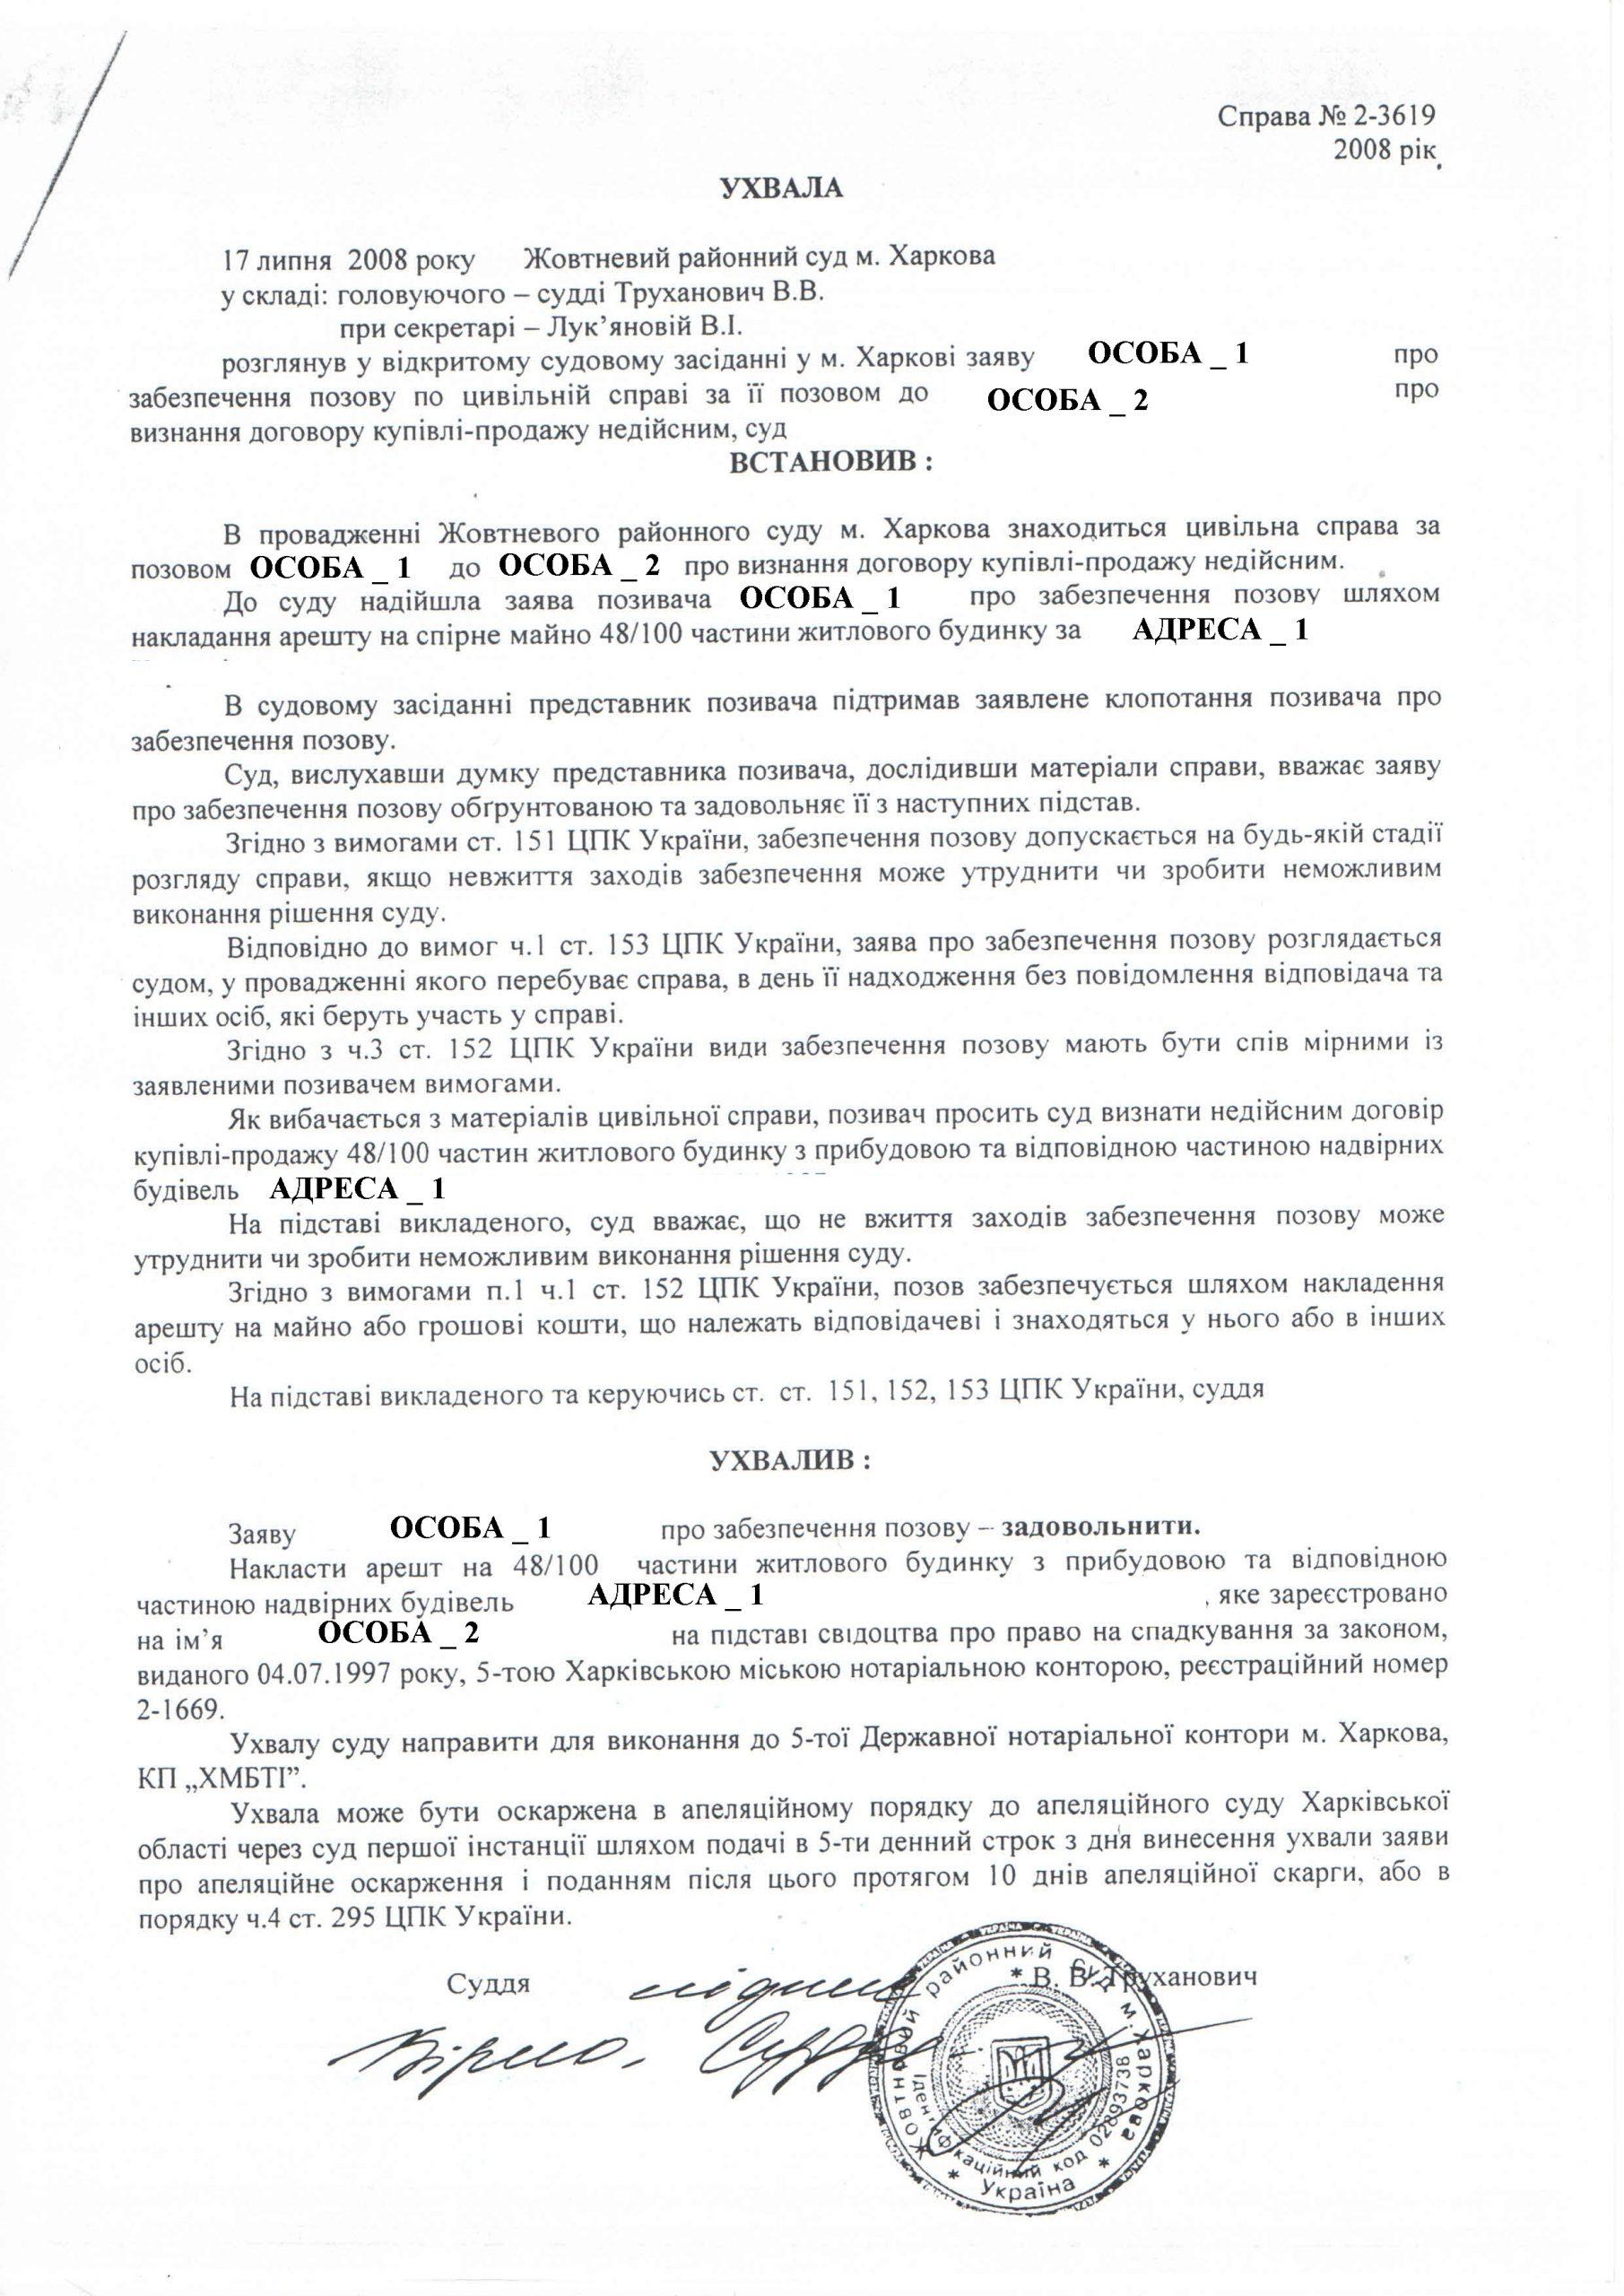 Удовлетворено Заявление об обеспечении иска путём наложения ареста на квартиру